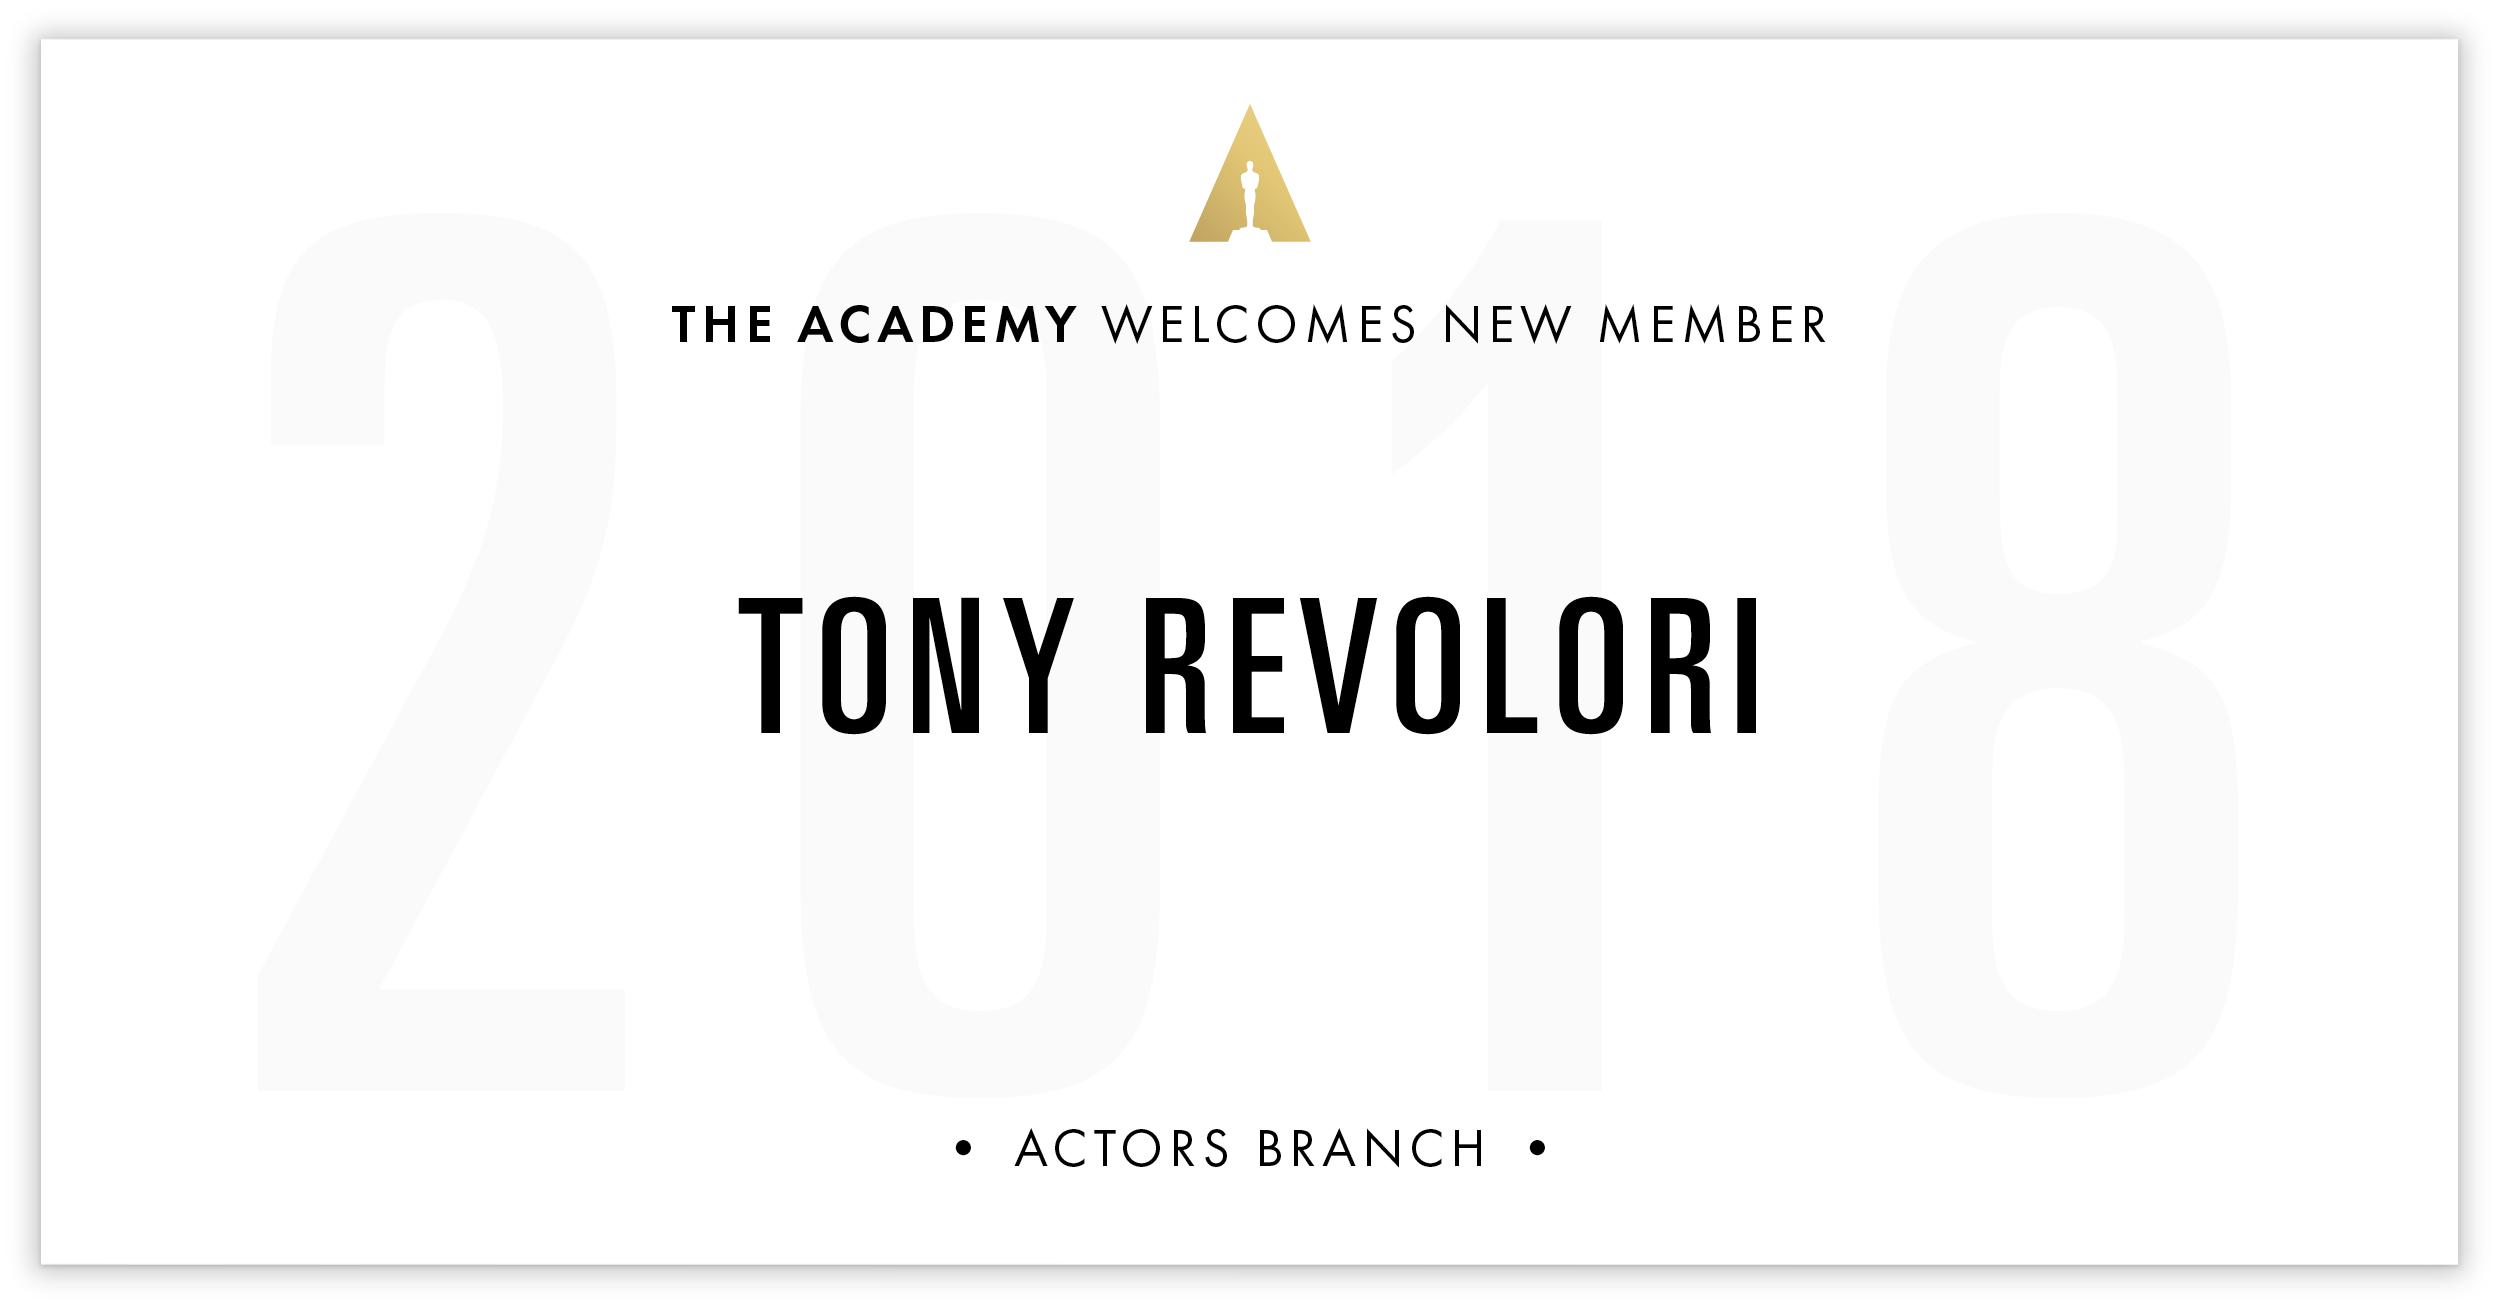 Tony Revolori is invited!